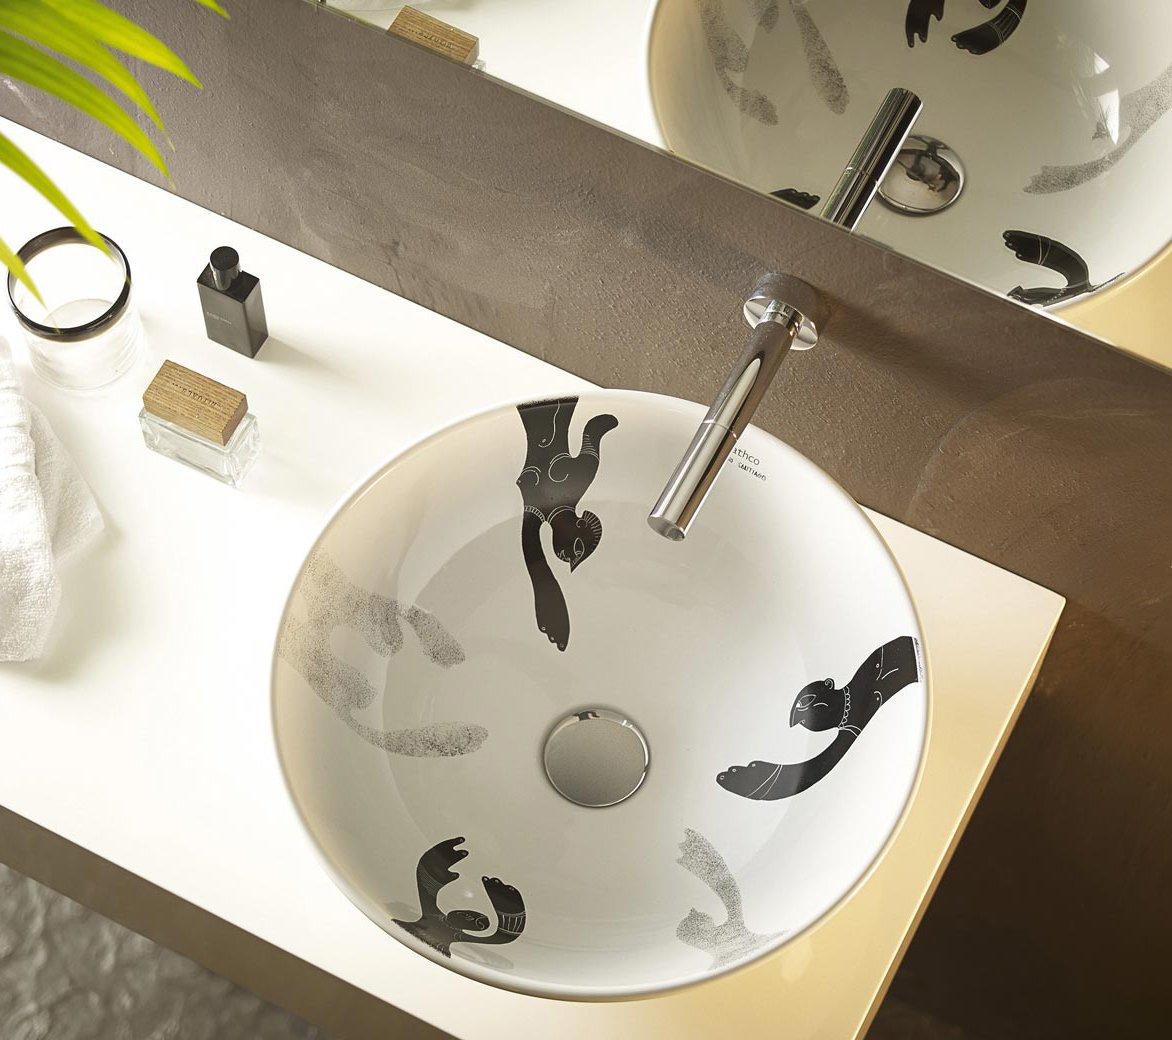 Rubinetti per lavabo 28 modelli diversi per ogni bagno cose di casa for Rubinetti a parete bagno